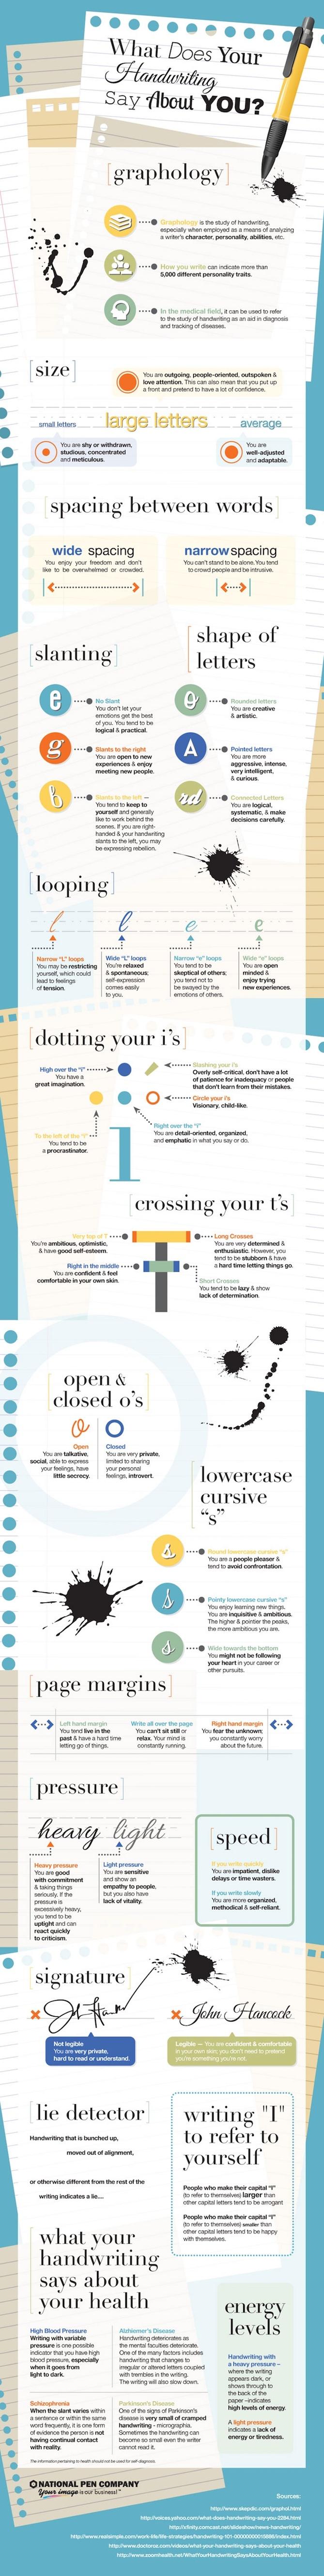 handwriting-infographic.jpeg